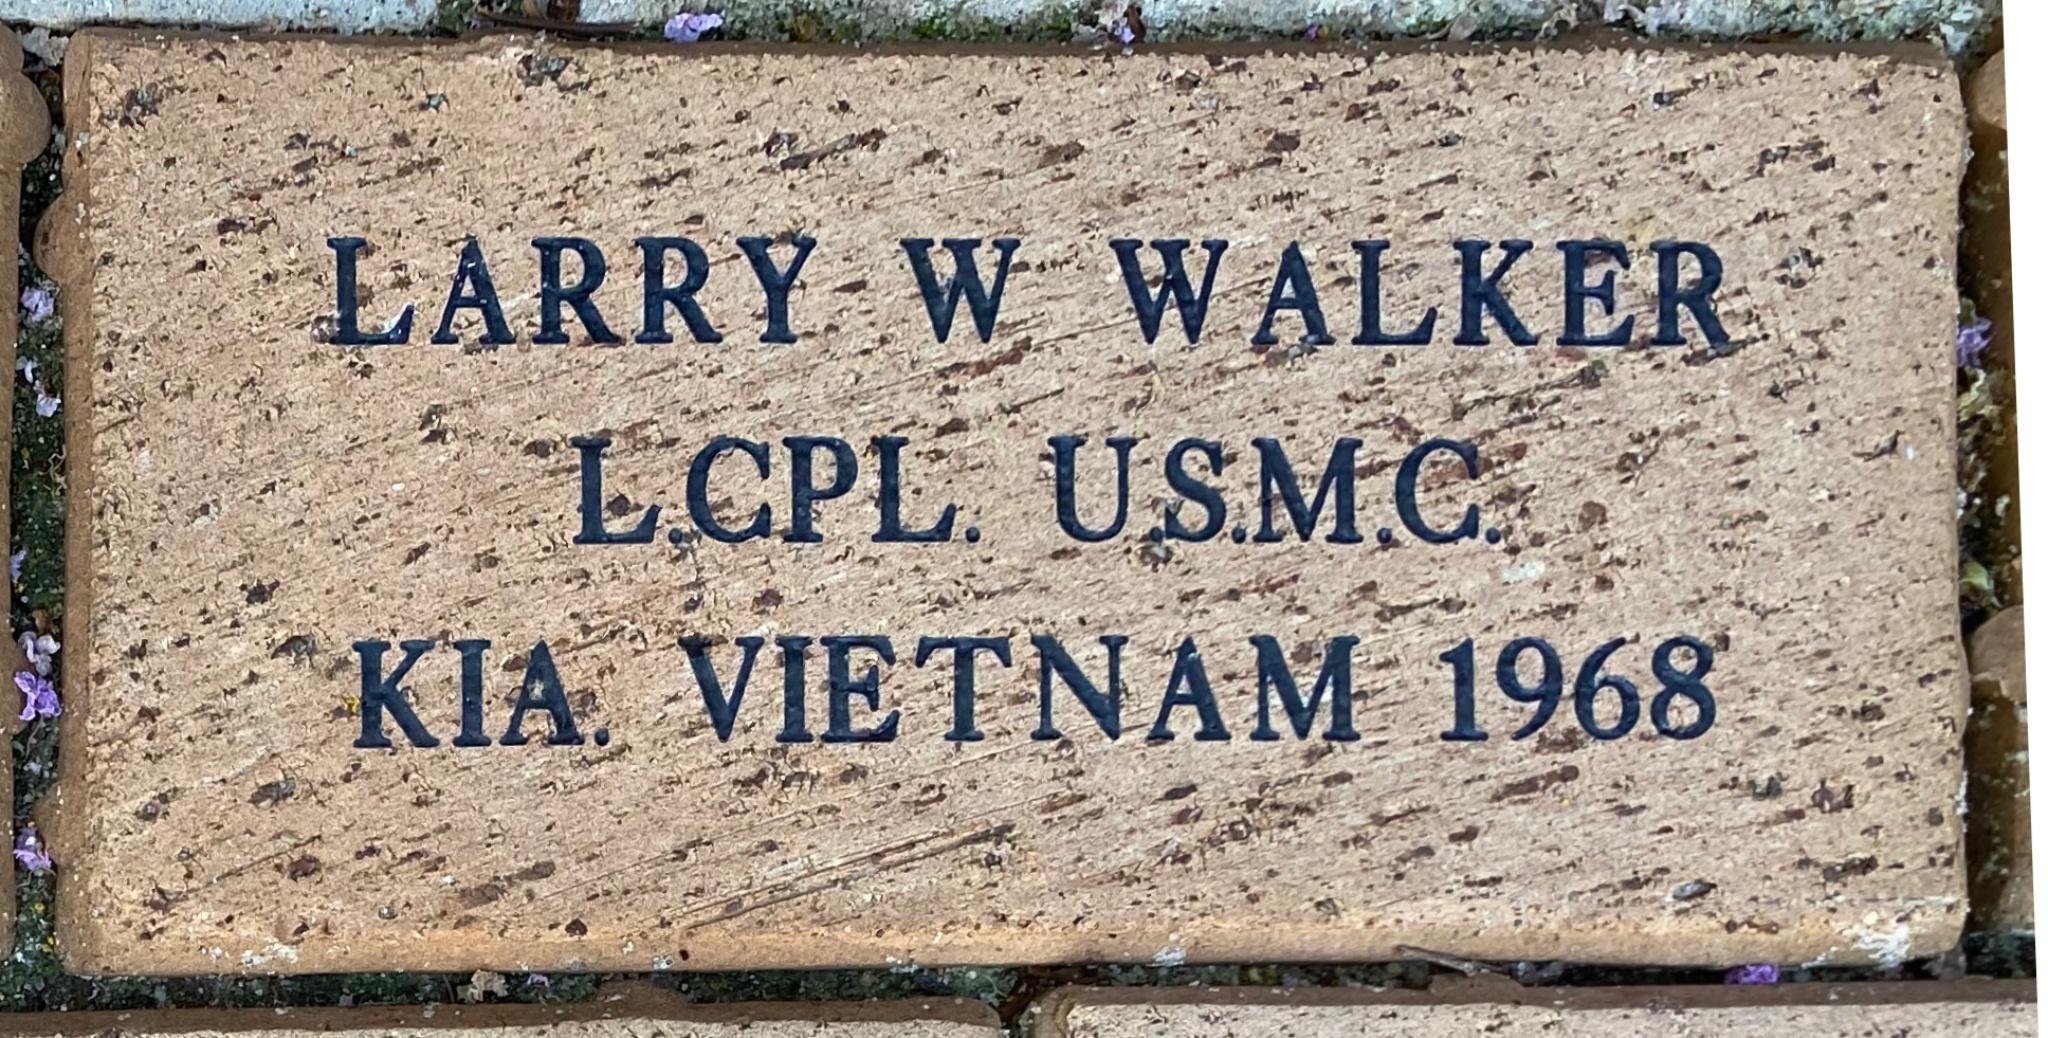 LARRY W WALKER L.CPL. U.S.M.C. KIA. VIETNAM 1968